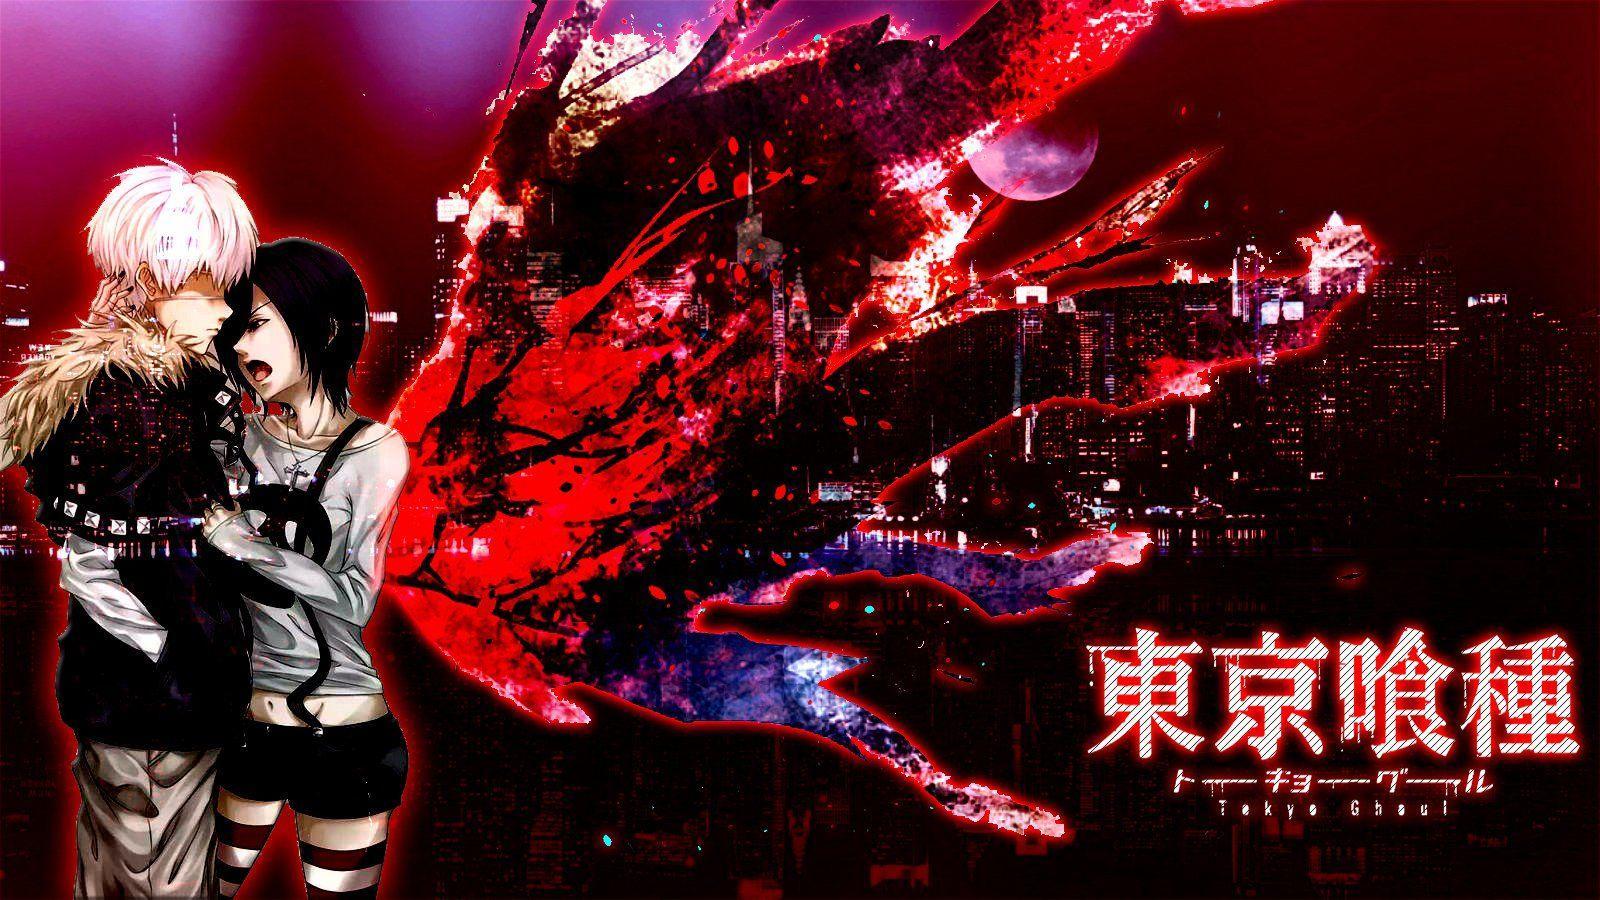 Kaneki And Touka Tokyo Ghoul Wallpapers Top Free Kaneki